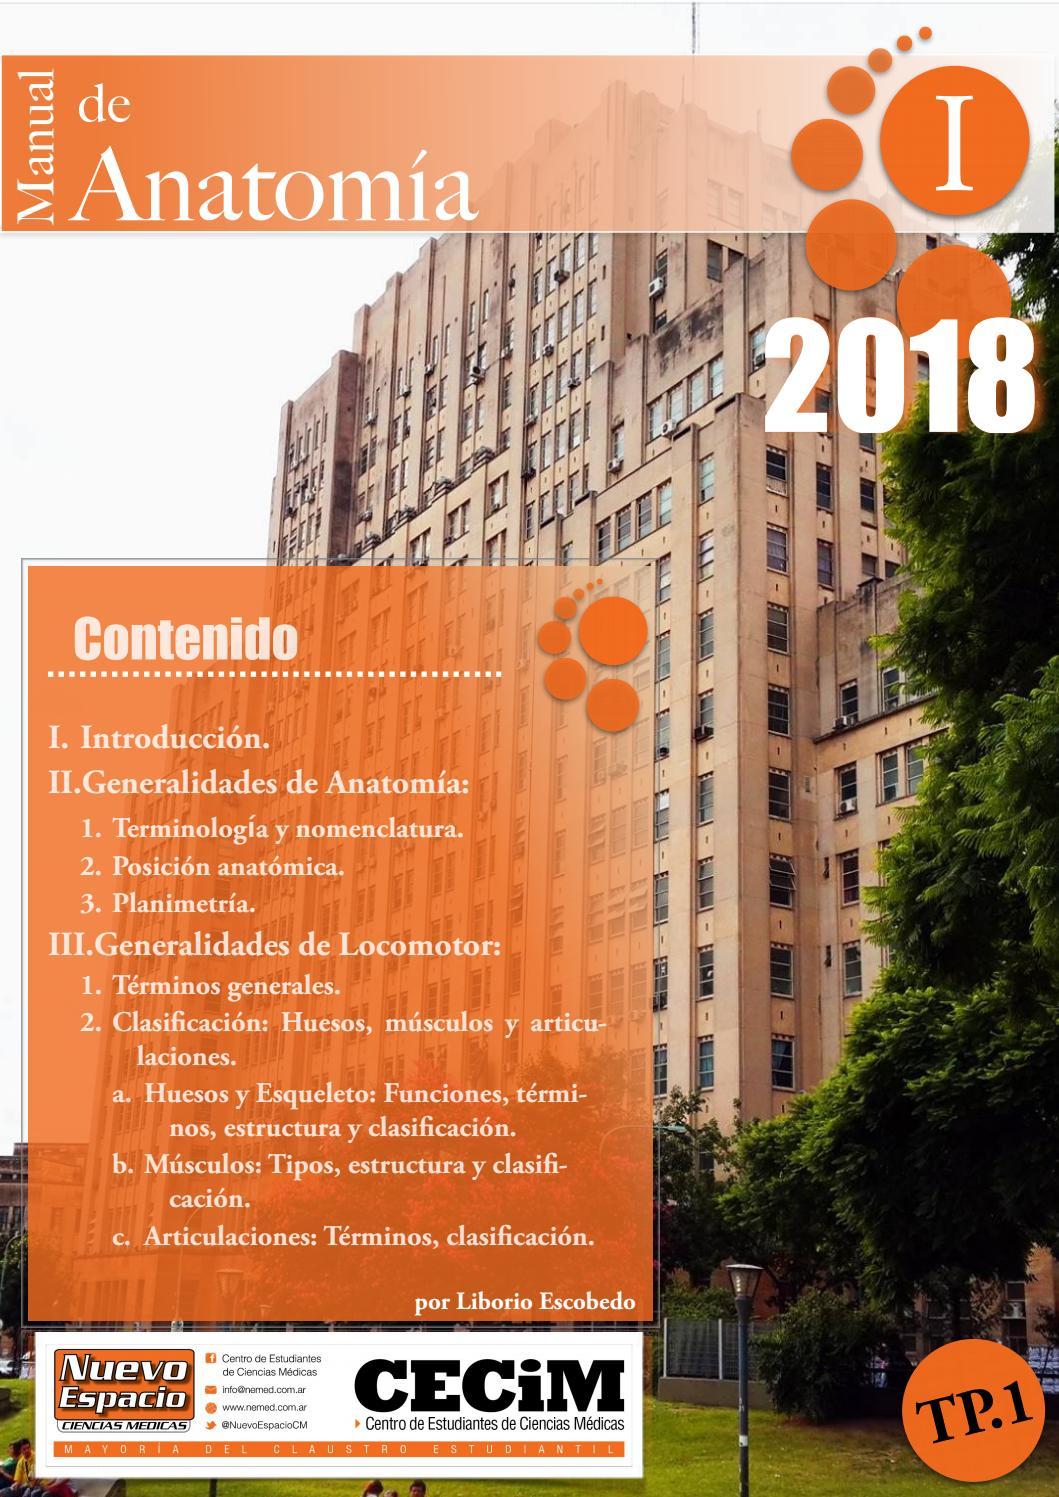 01 Generalidades Anatomía - Ingresantes 2018 by Liborio Escobedo - issuu